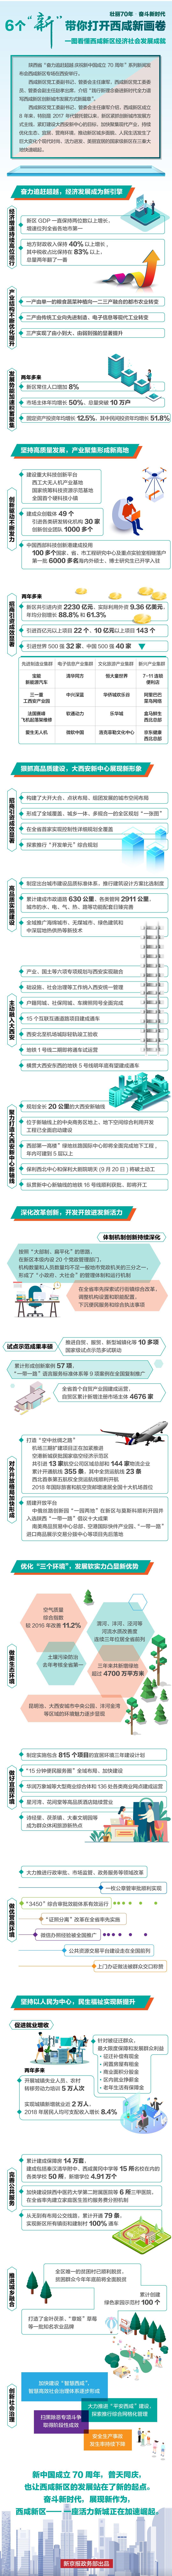 http://www.xaxlfz.com/tiyuyundong/59353.html